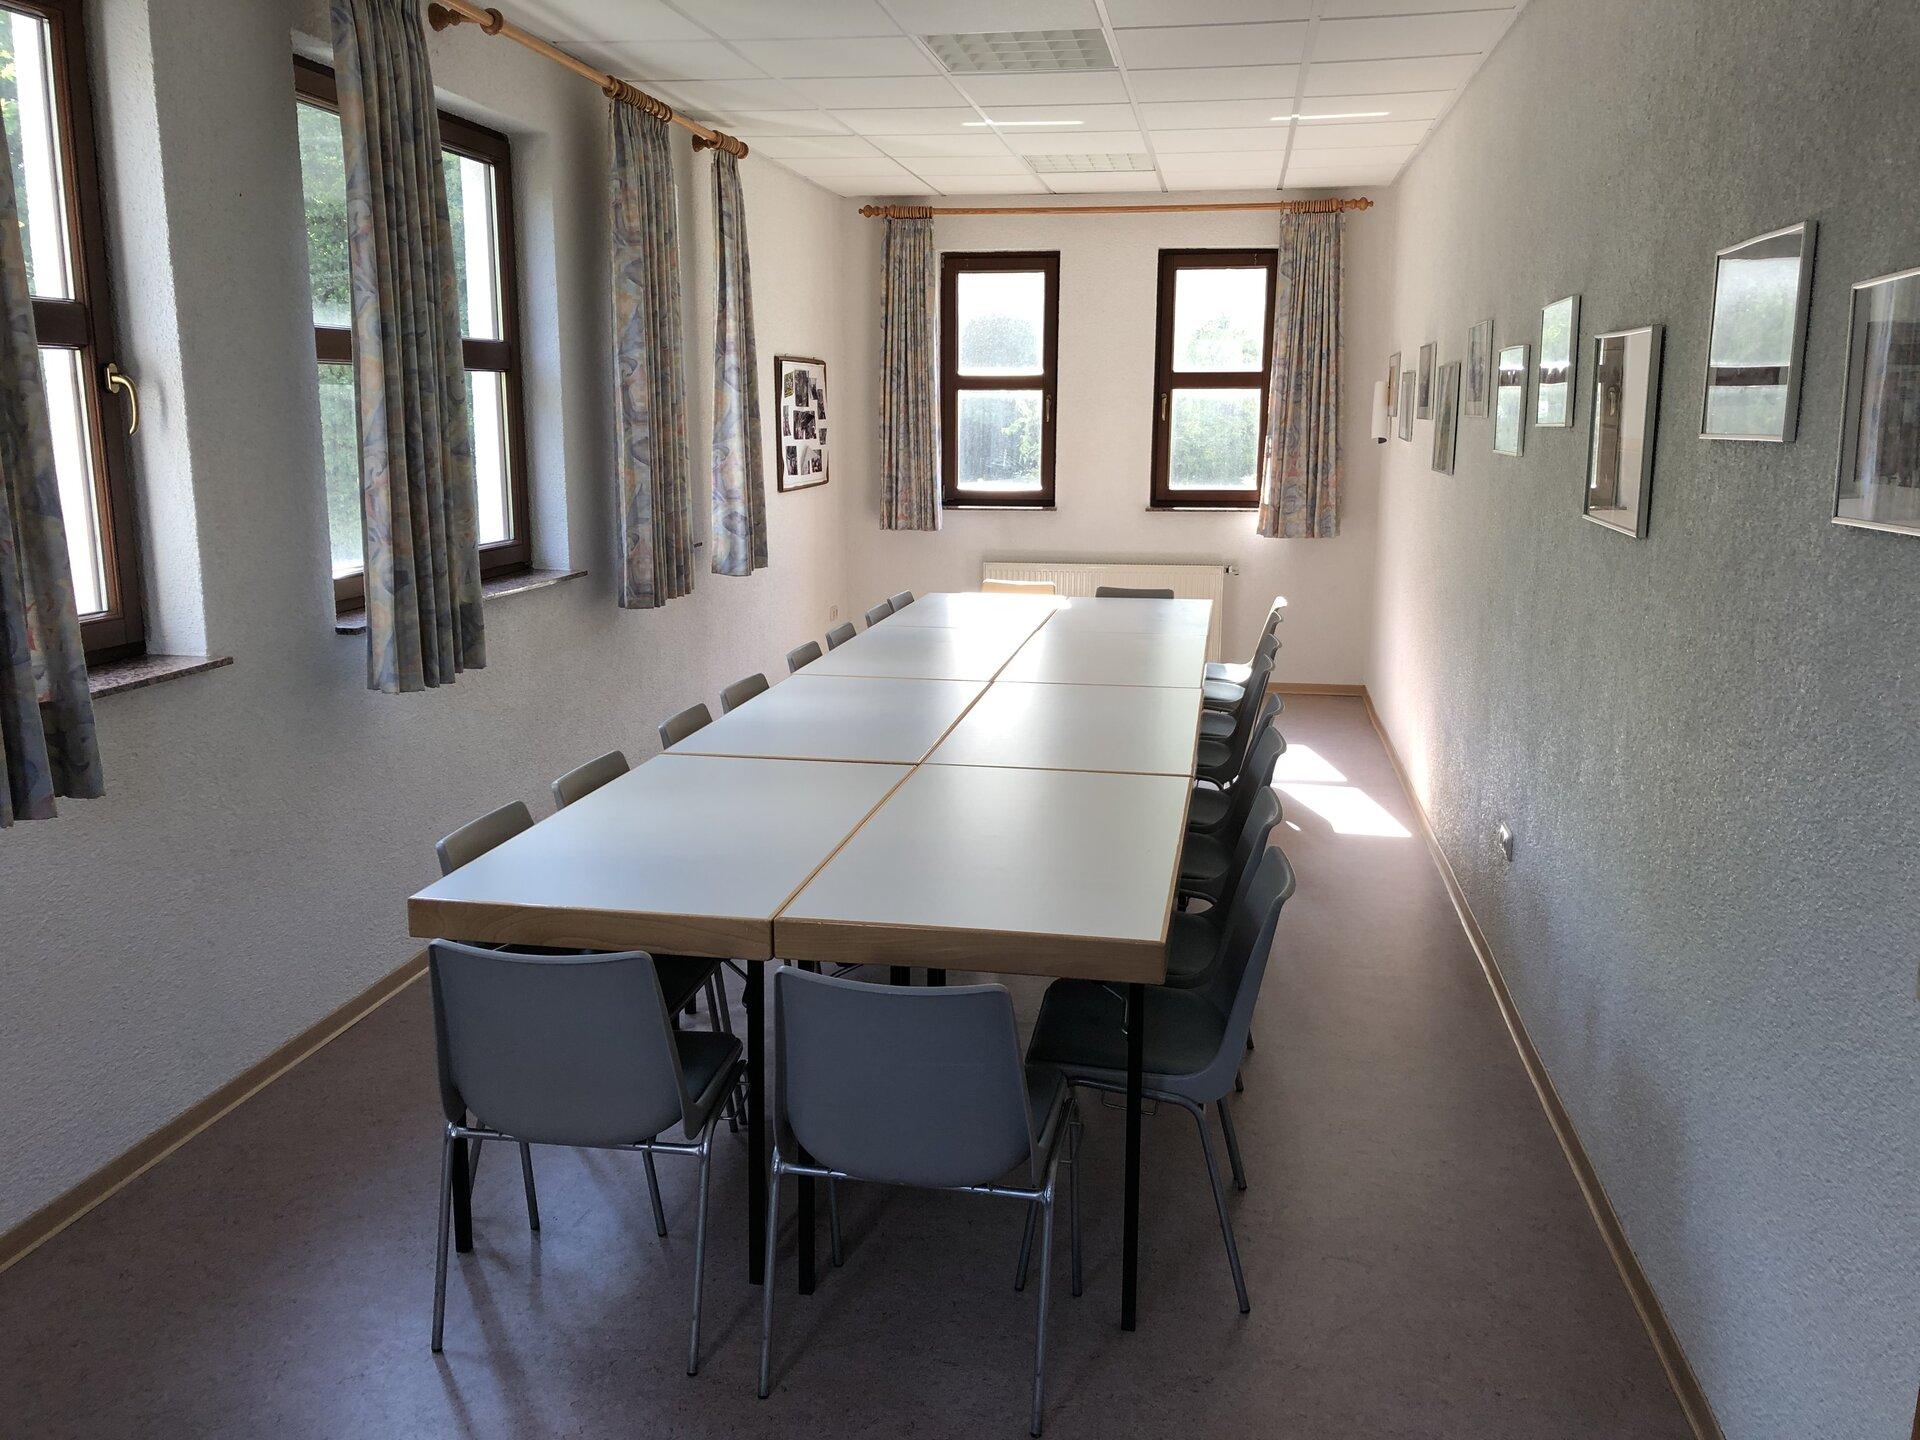 Blick in das Vereinszimmer